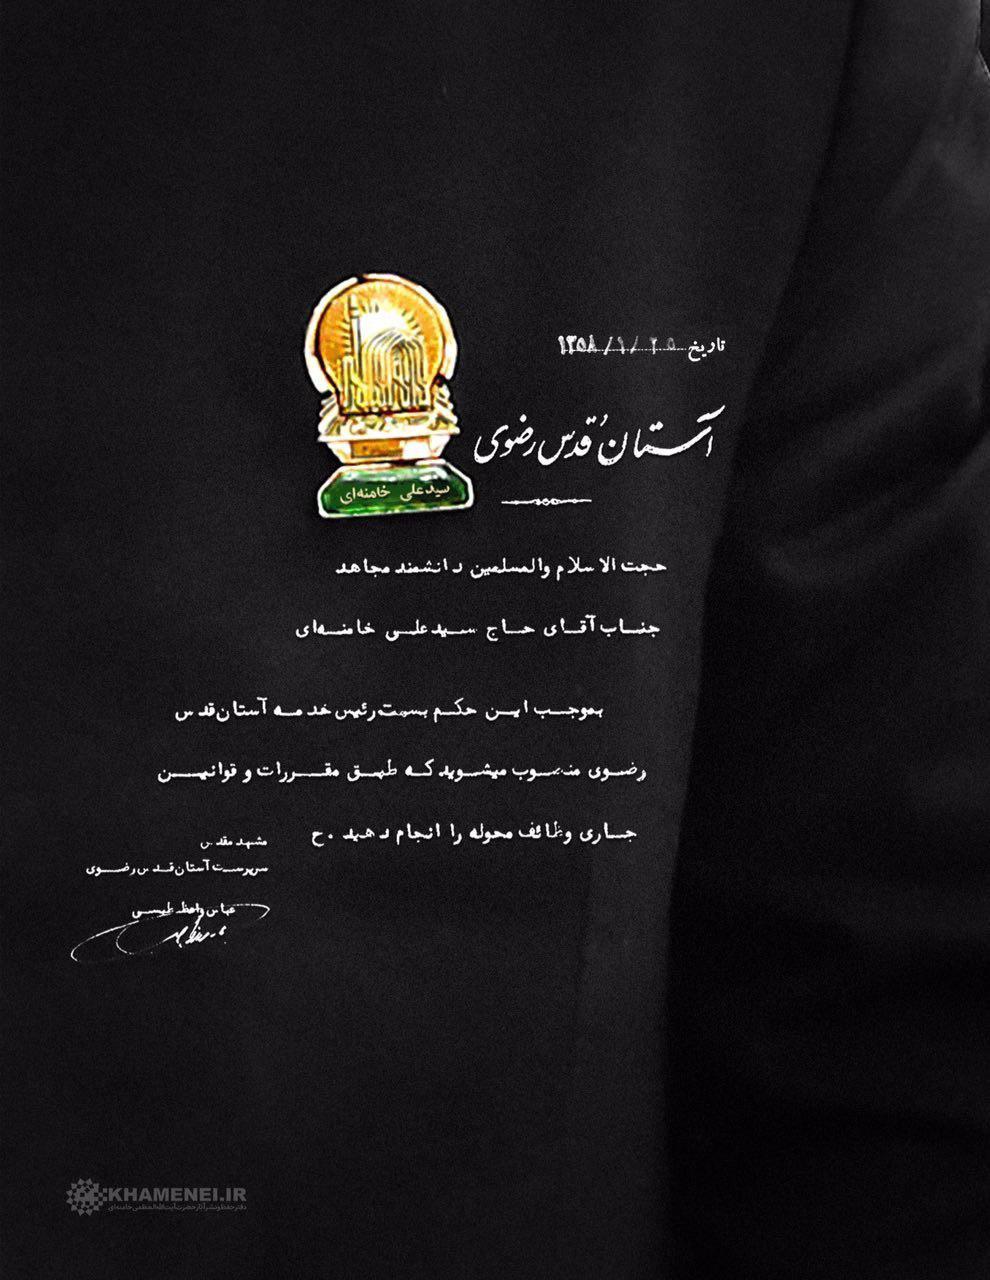 رهبر انقلاب: خادمی امام رضا علیهالسلام افتخار من است